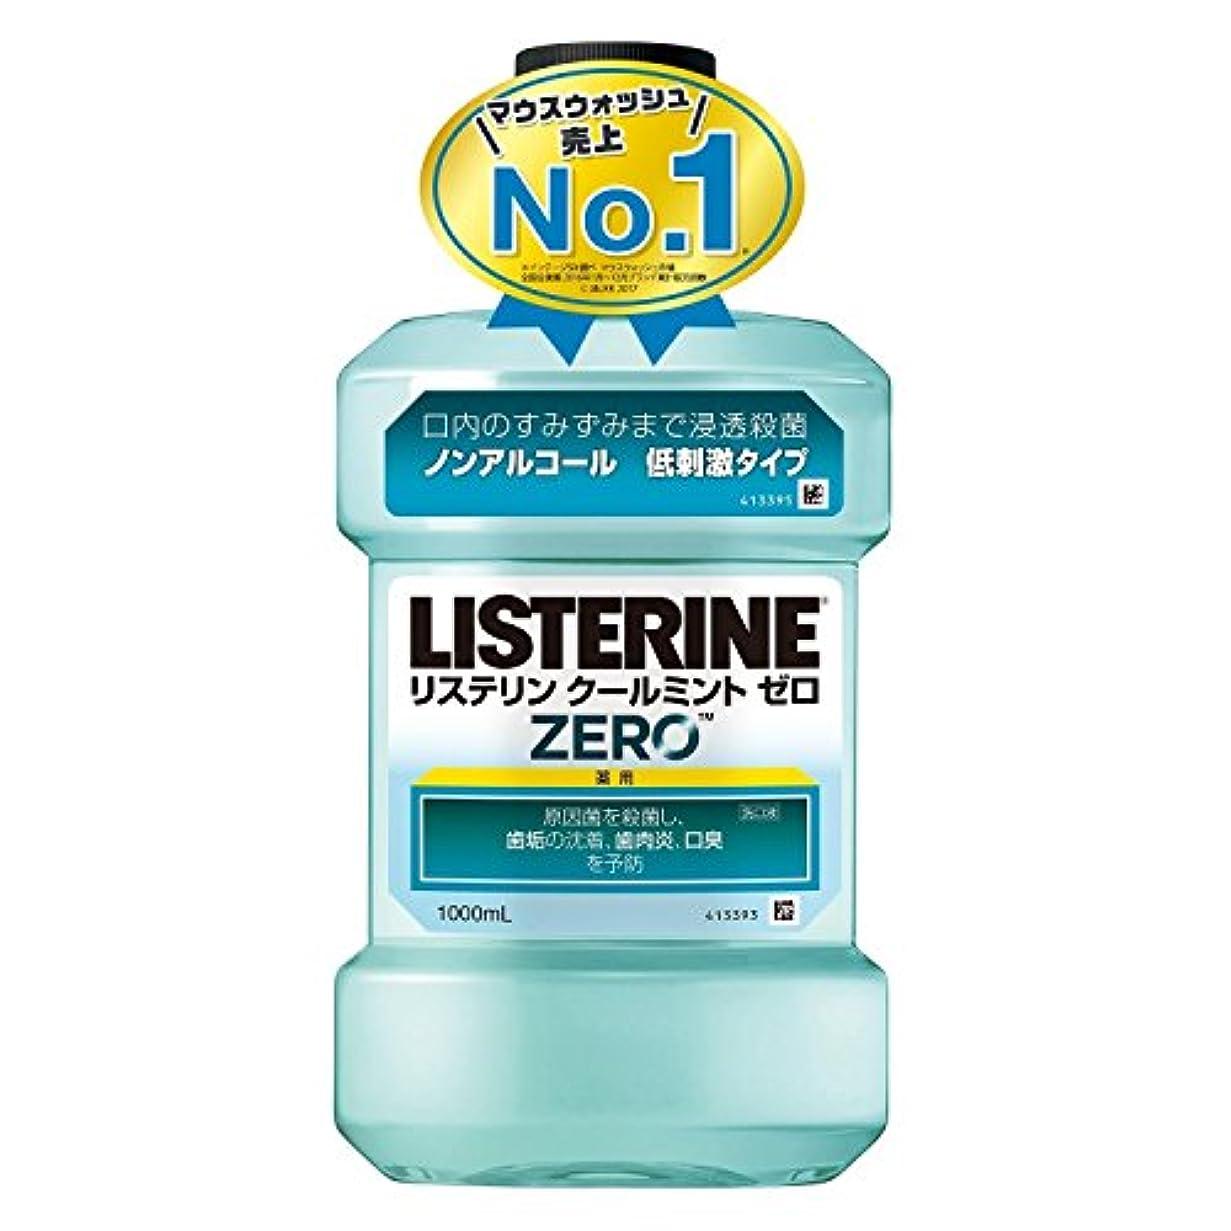 ナット月曜日初期薬用 リステリン クールミントゼロ マウスウォッシュ 低刺激 1000mL 【医薬部外品】